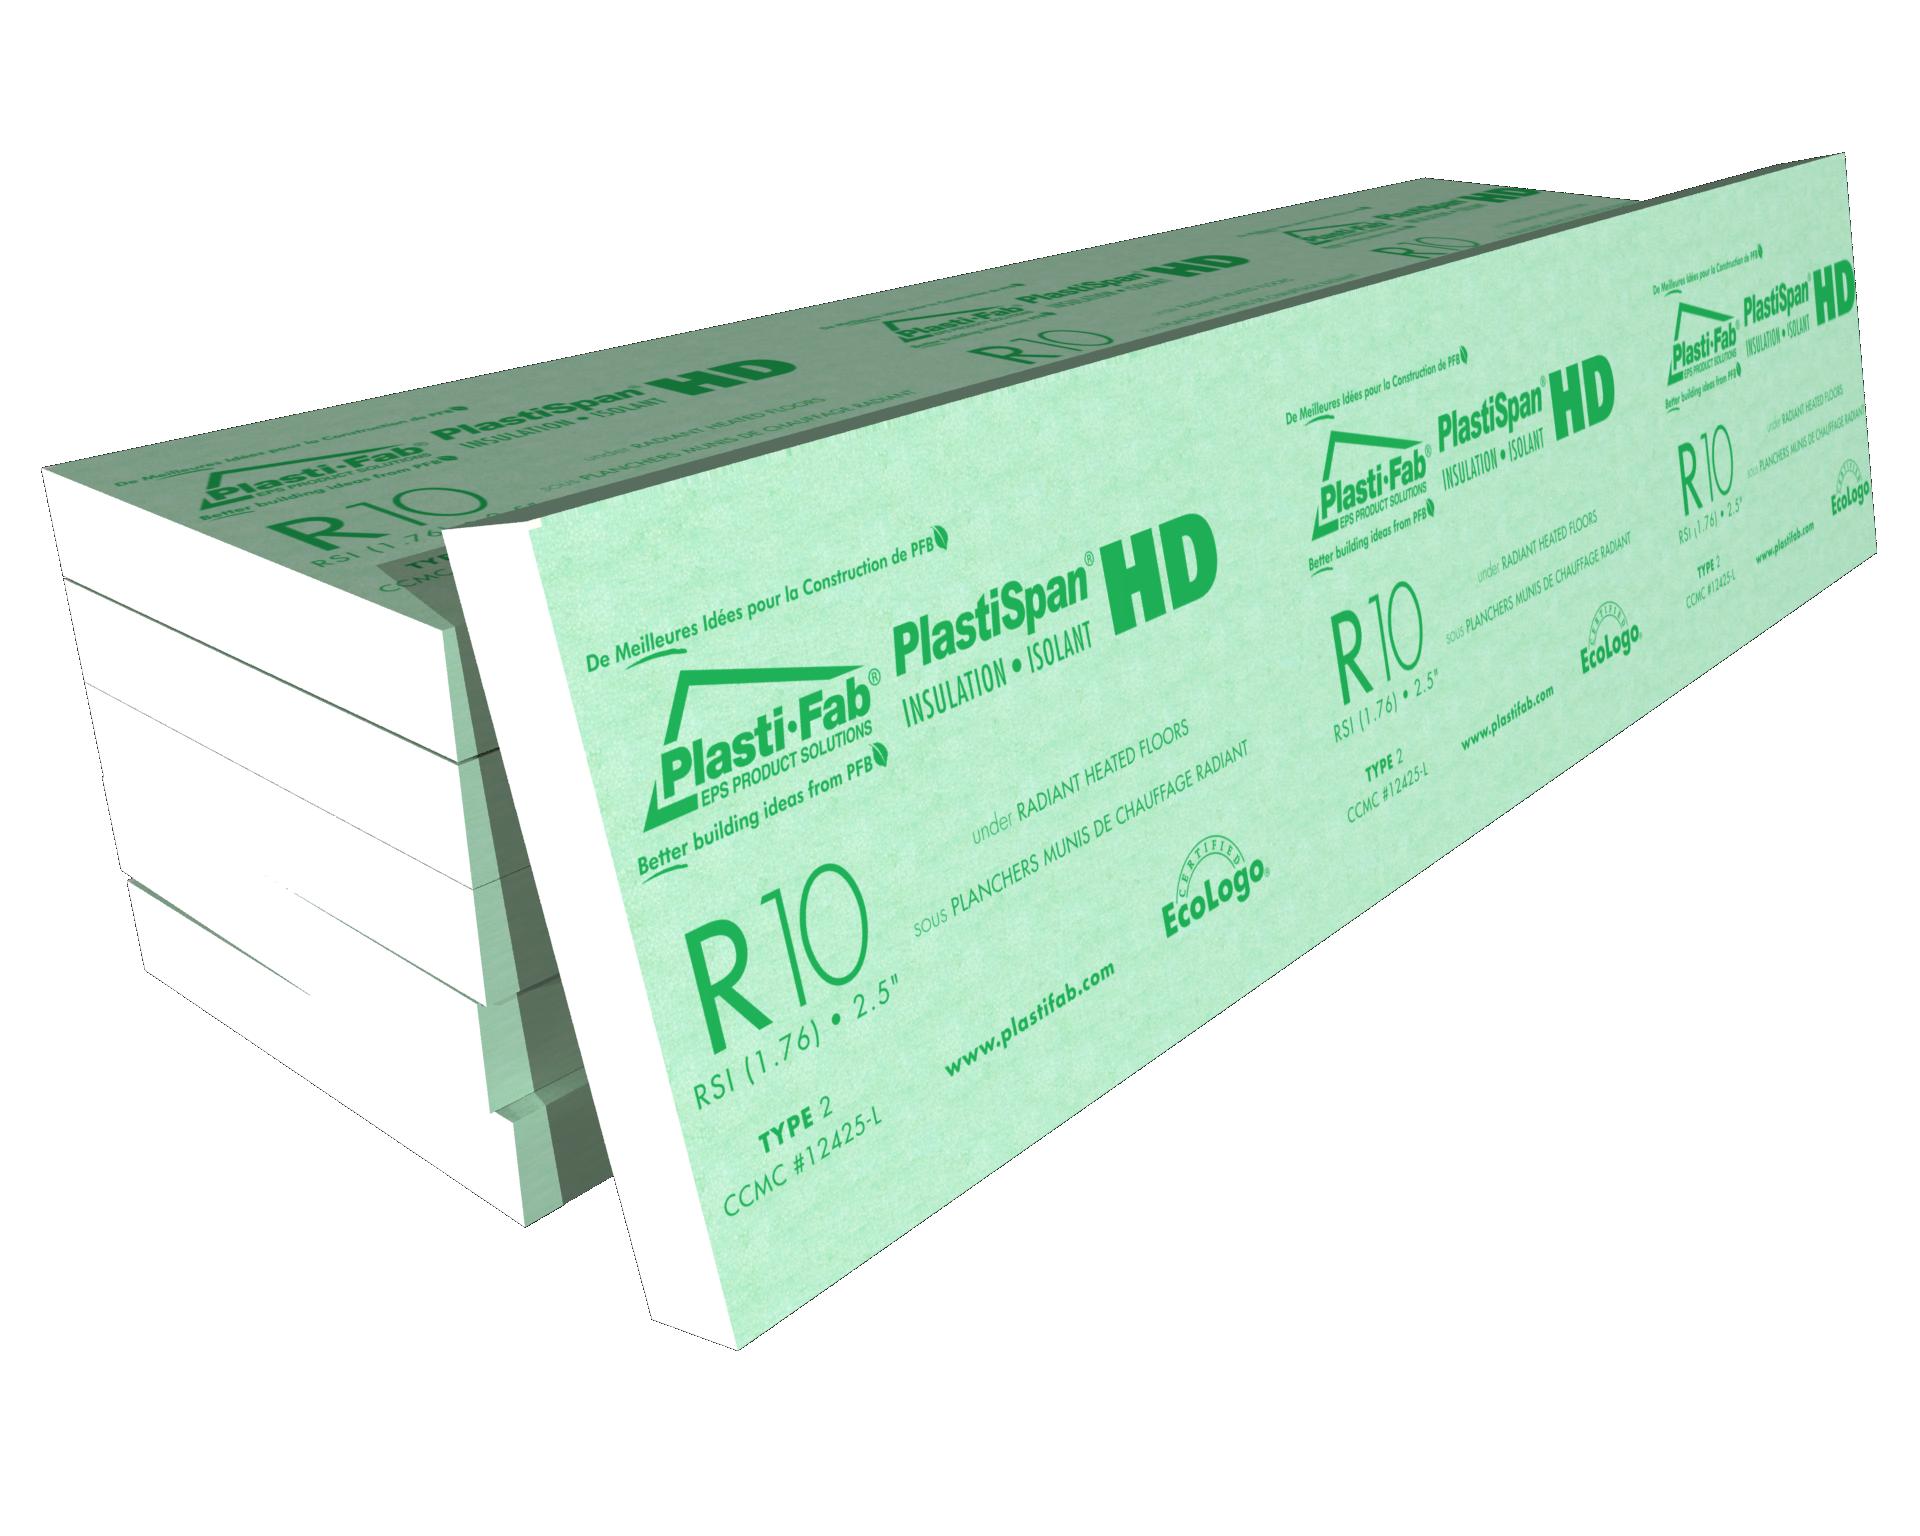 Radiant Floor Heating using PlastiSpan HD Insulation | Plasti-Fab